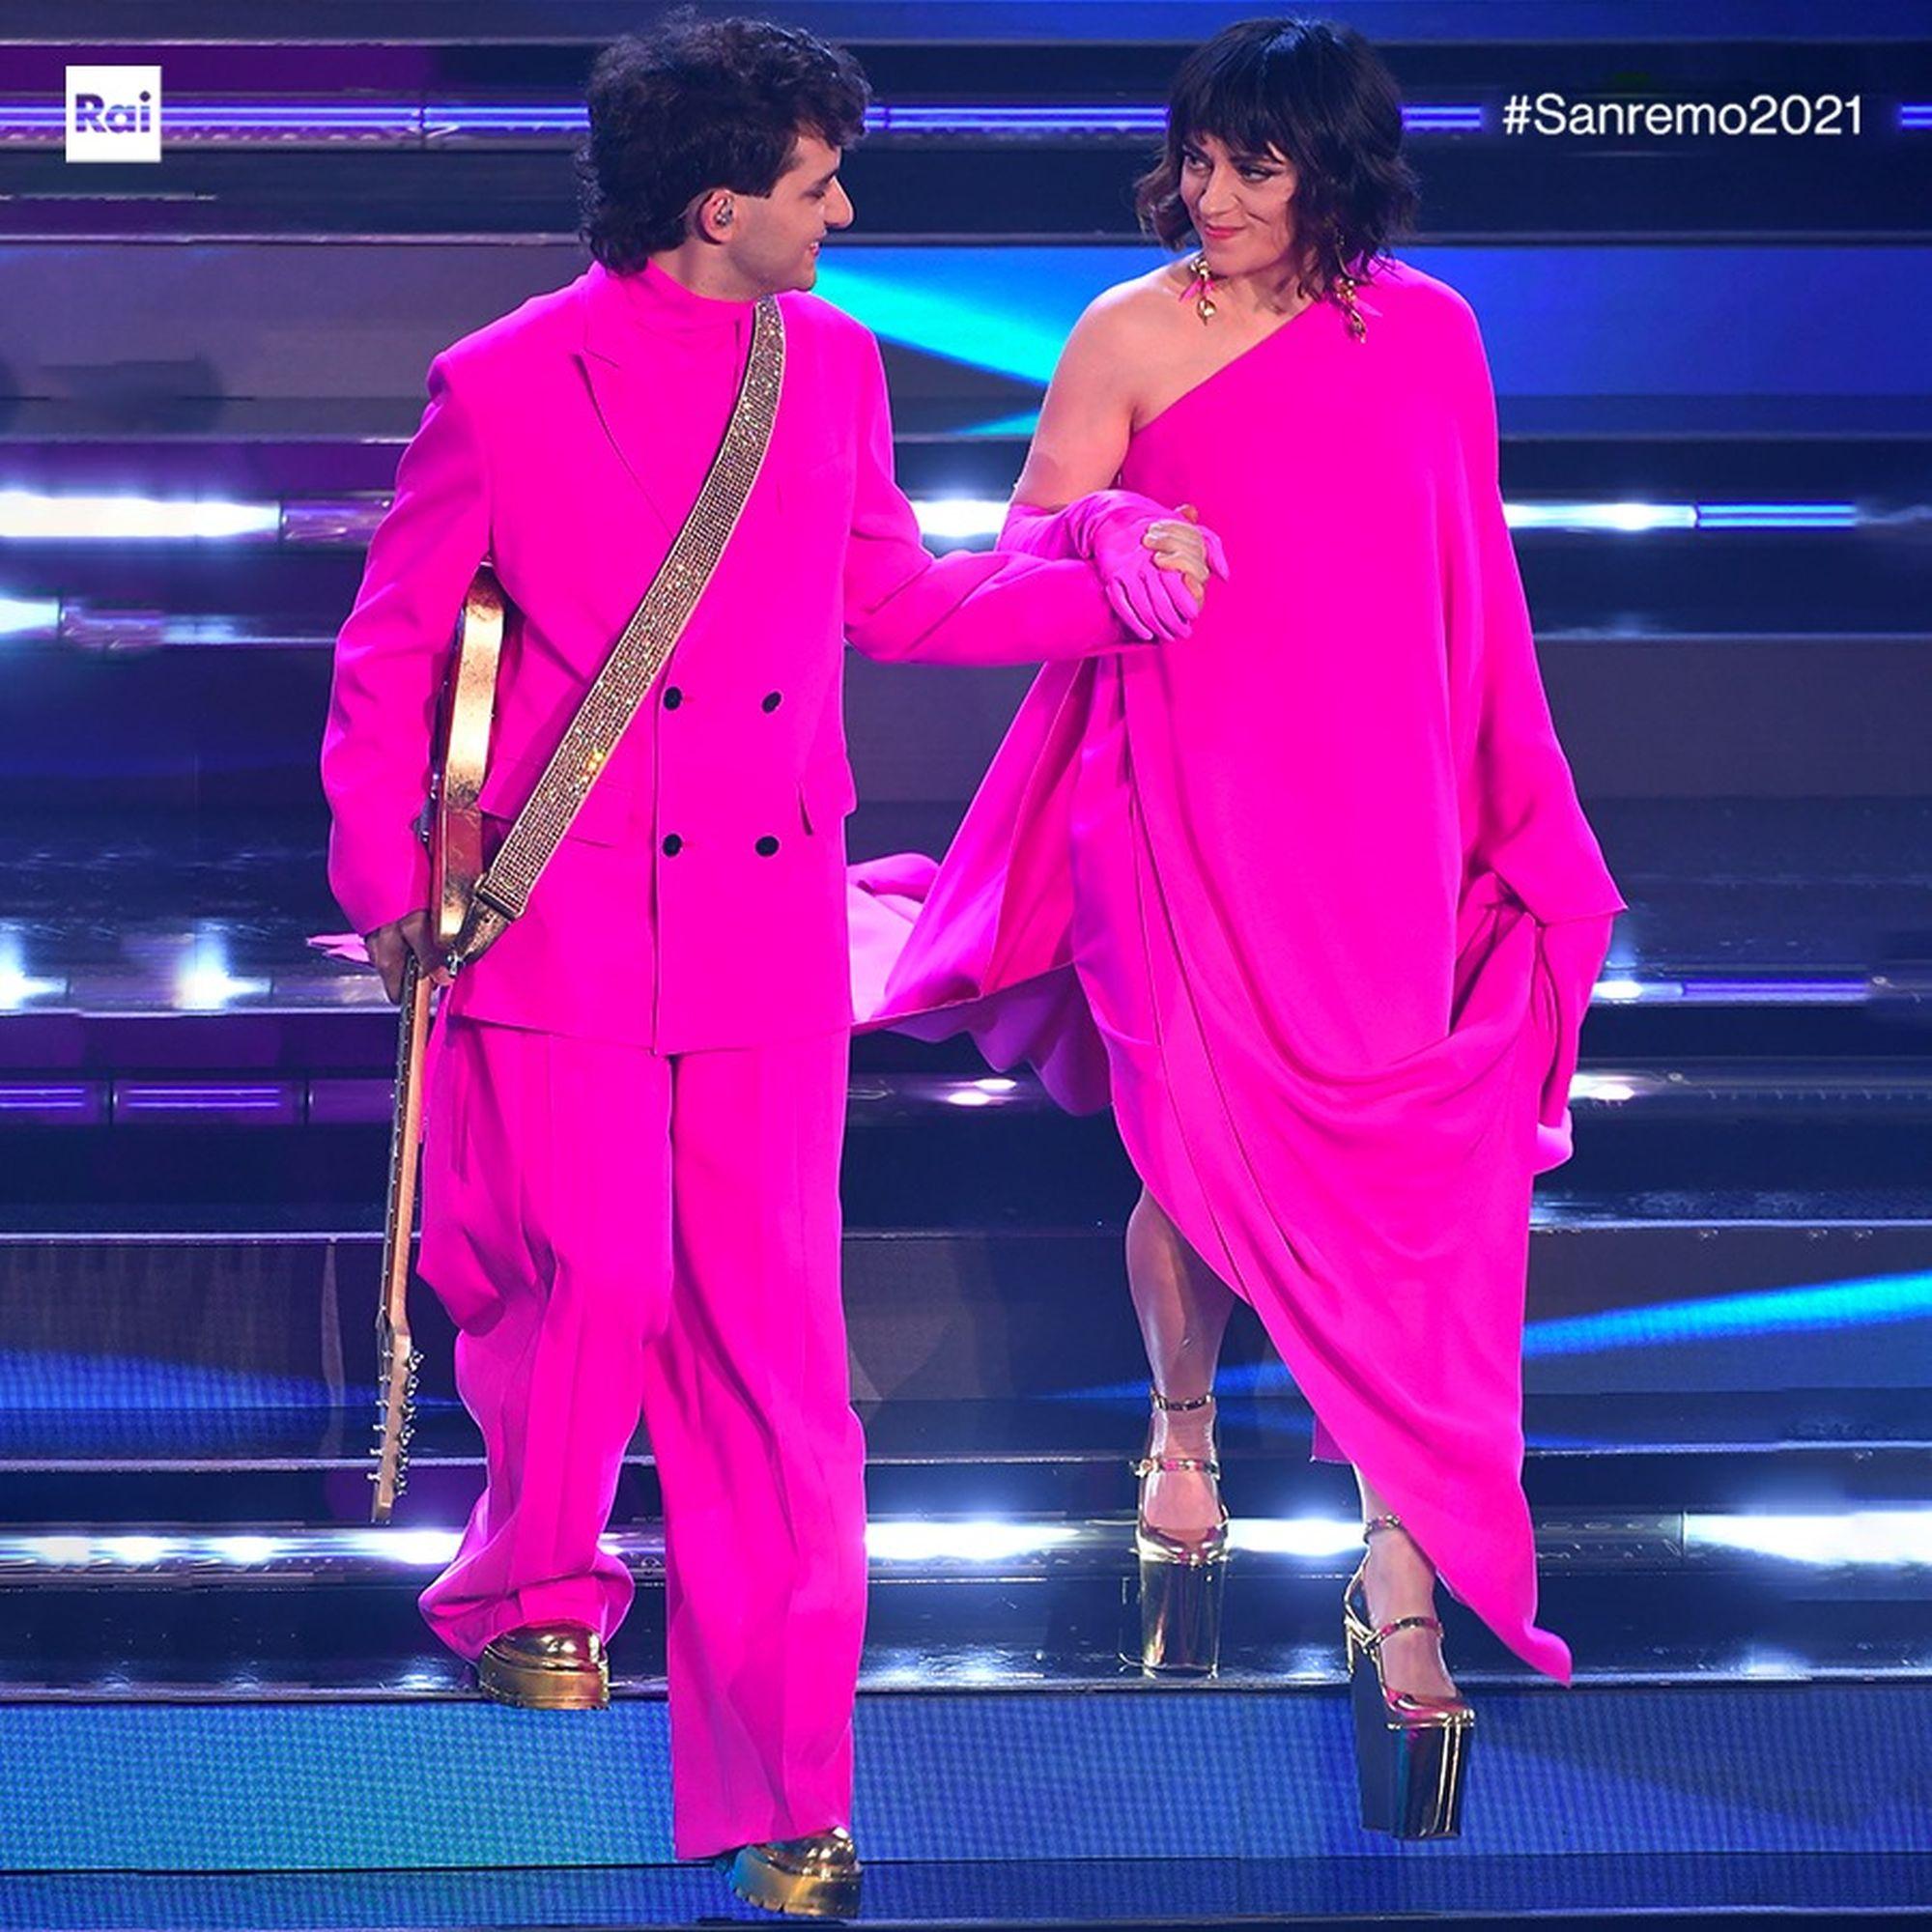 Chi si esibisce nella finale del Festival di Sanremo 2021